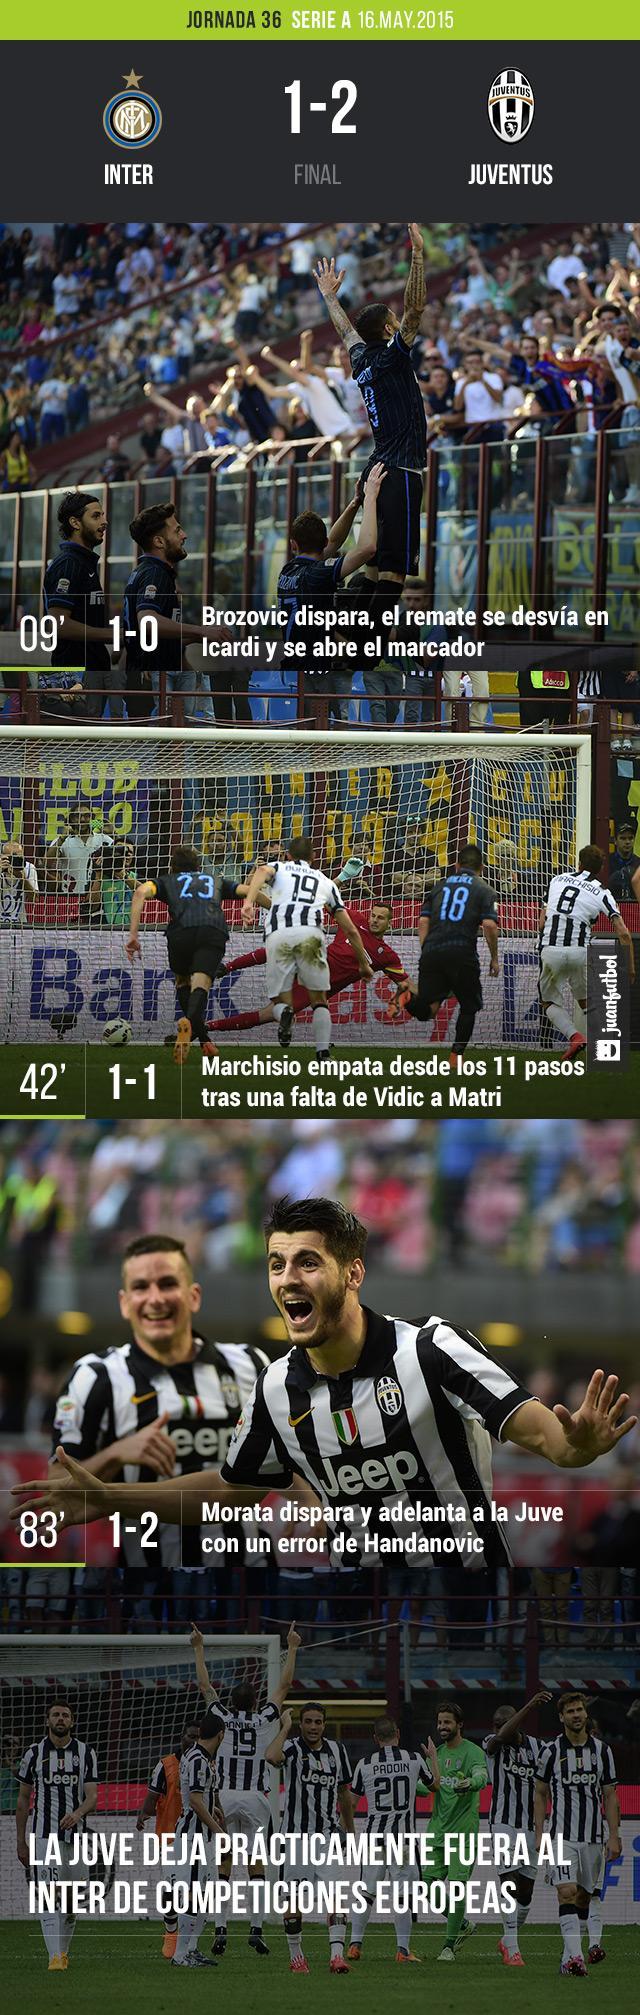 Juve da la vuelta frente al Inter con goles de Marchisio y Morata. El líder y ya campeón deja fuera de competiciones europeas al Inter.